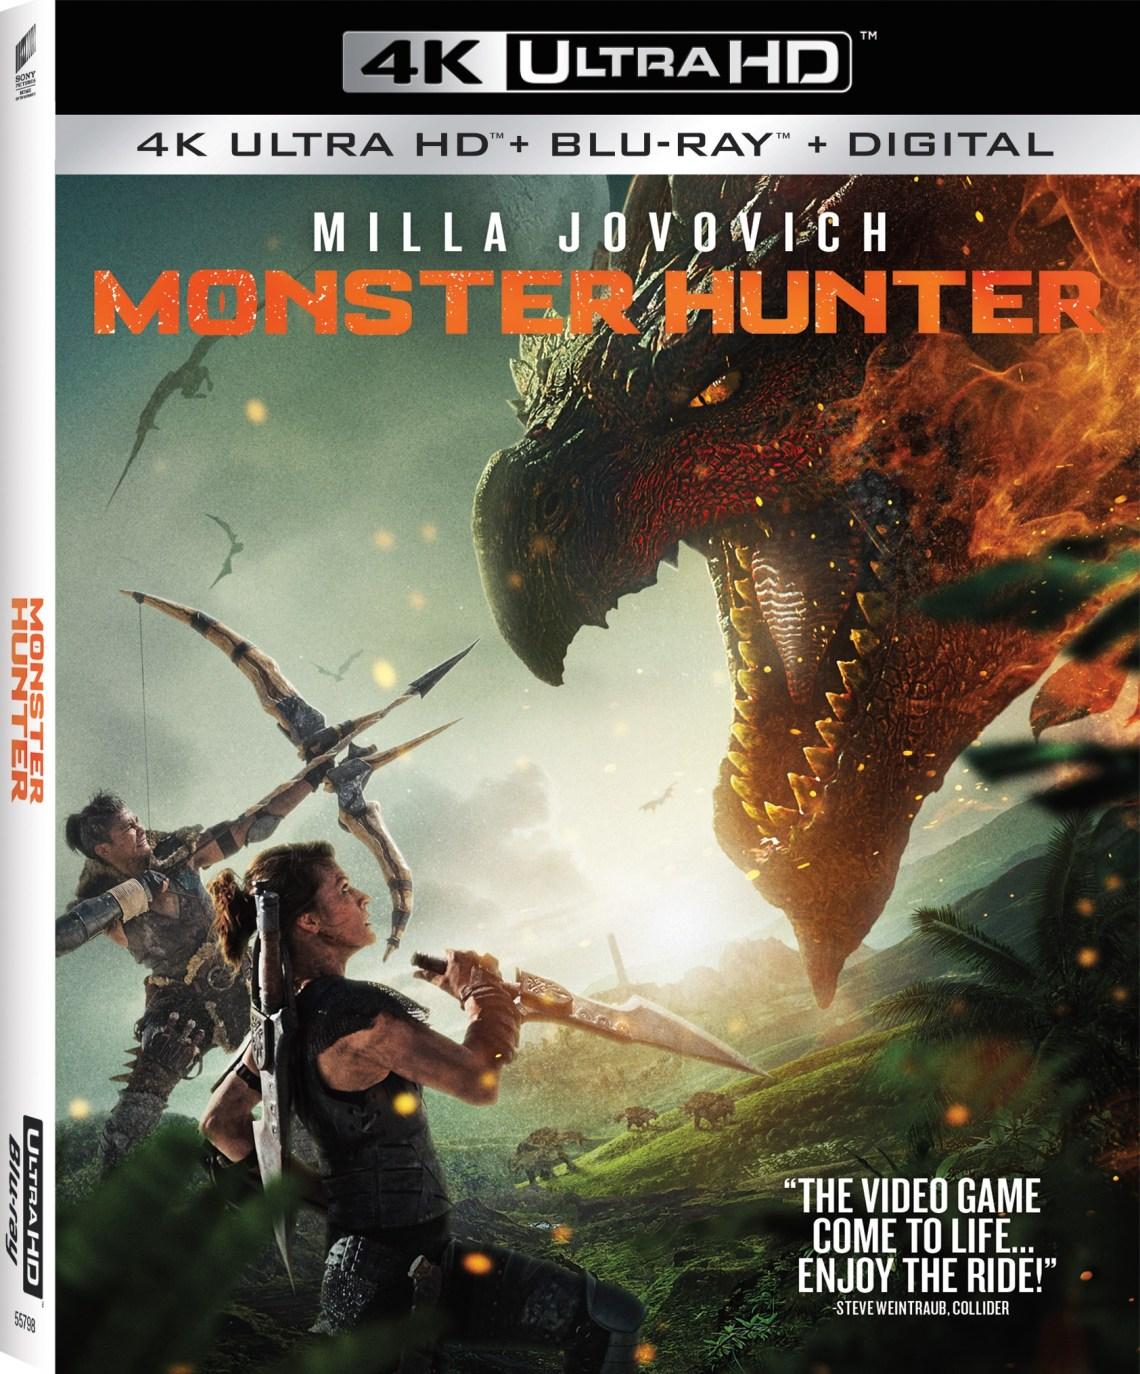 monster hunter 4k uhd